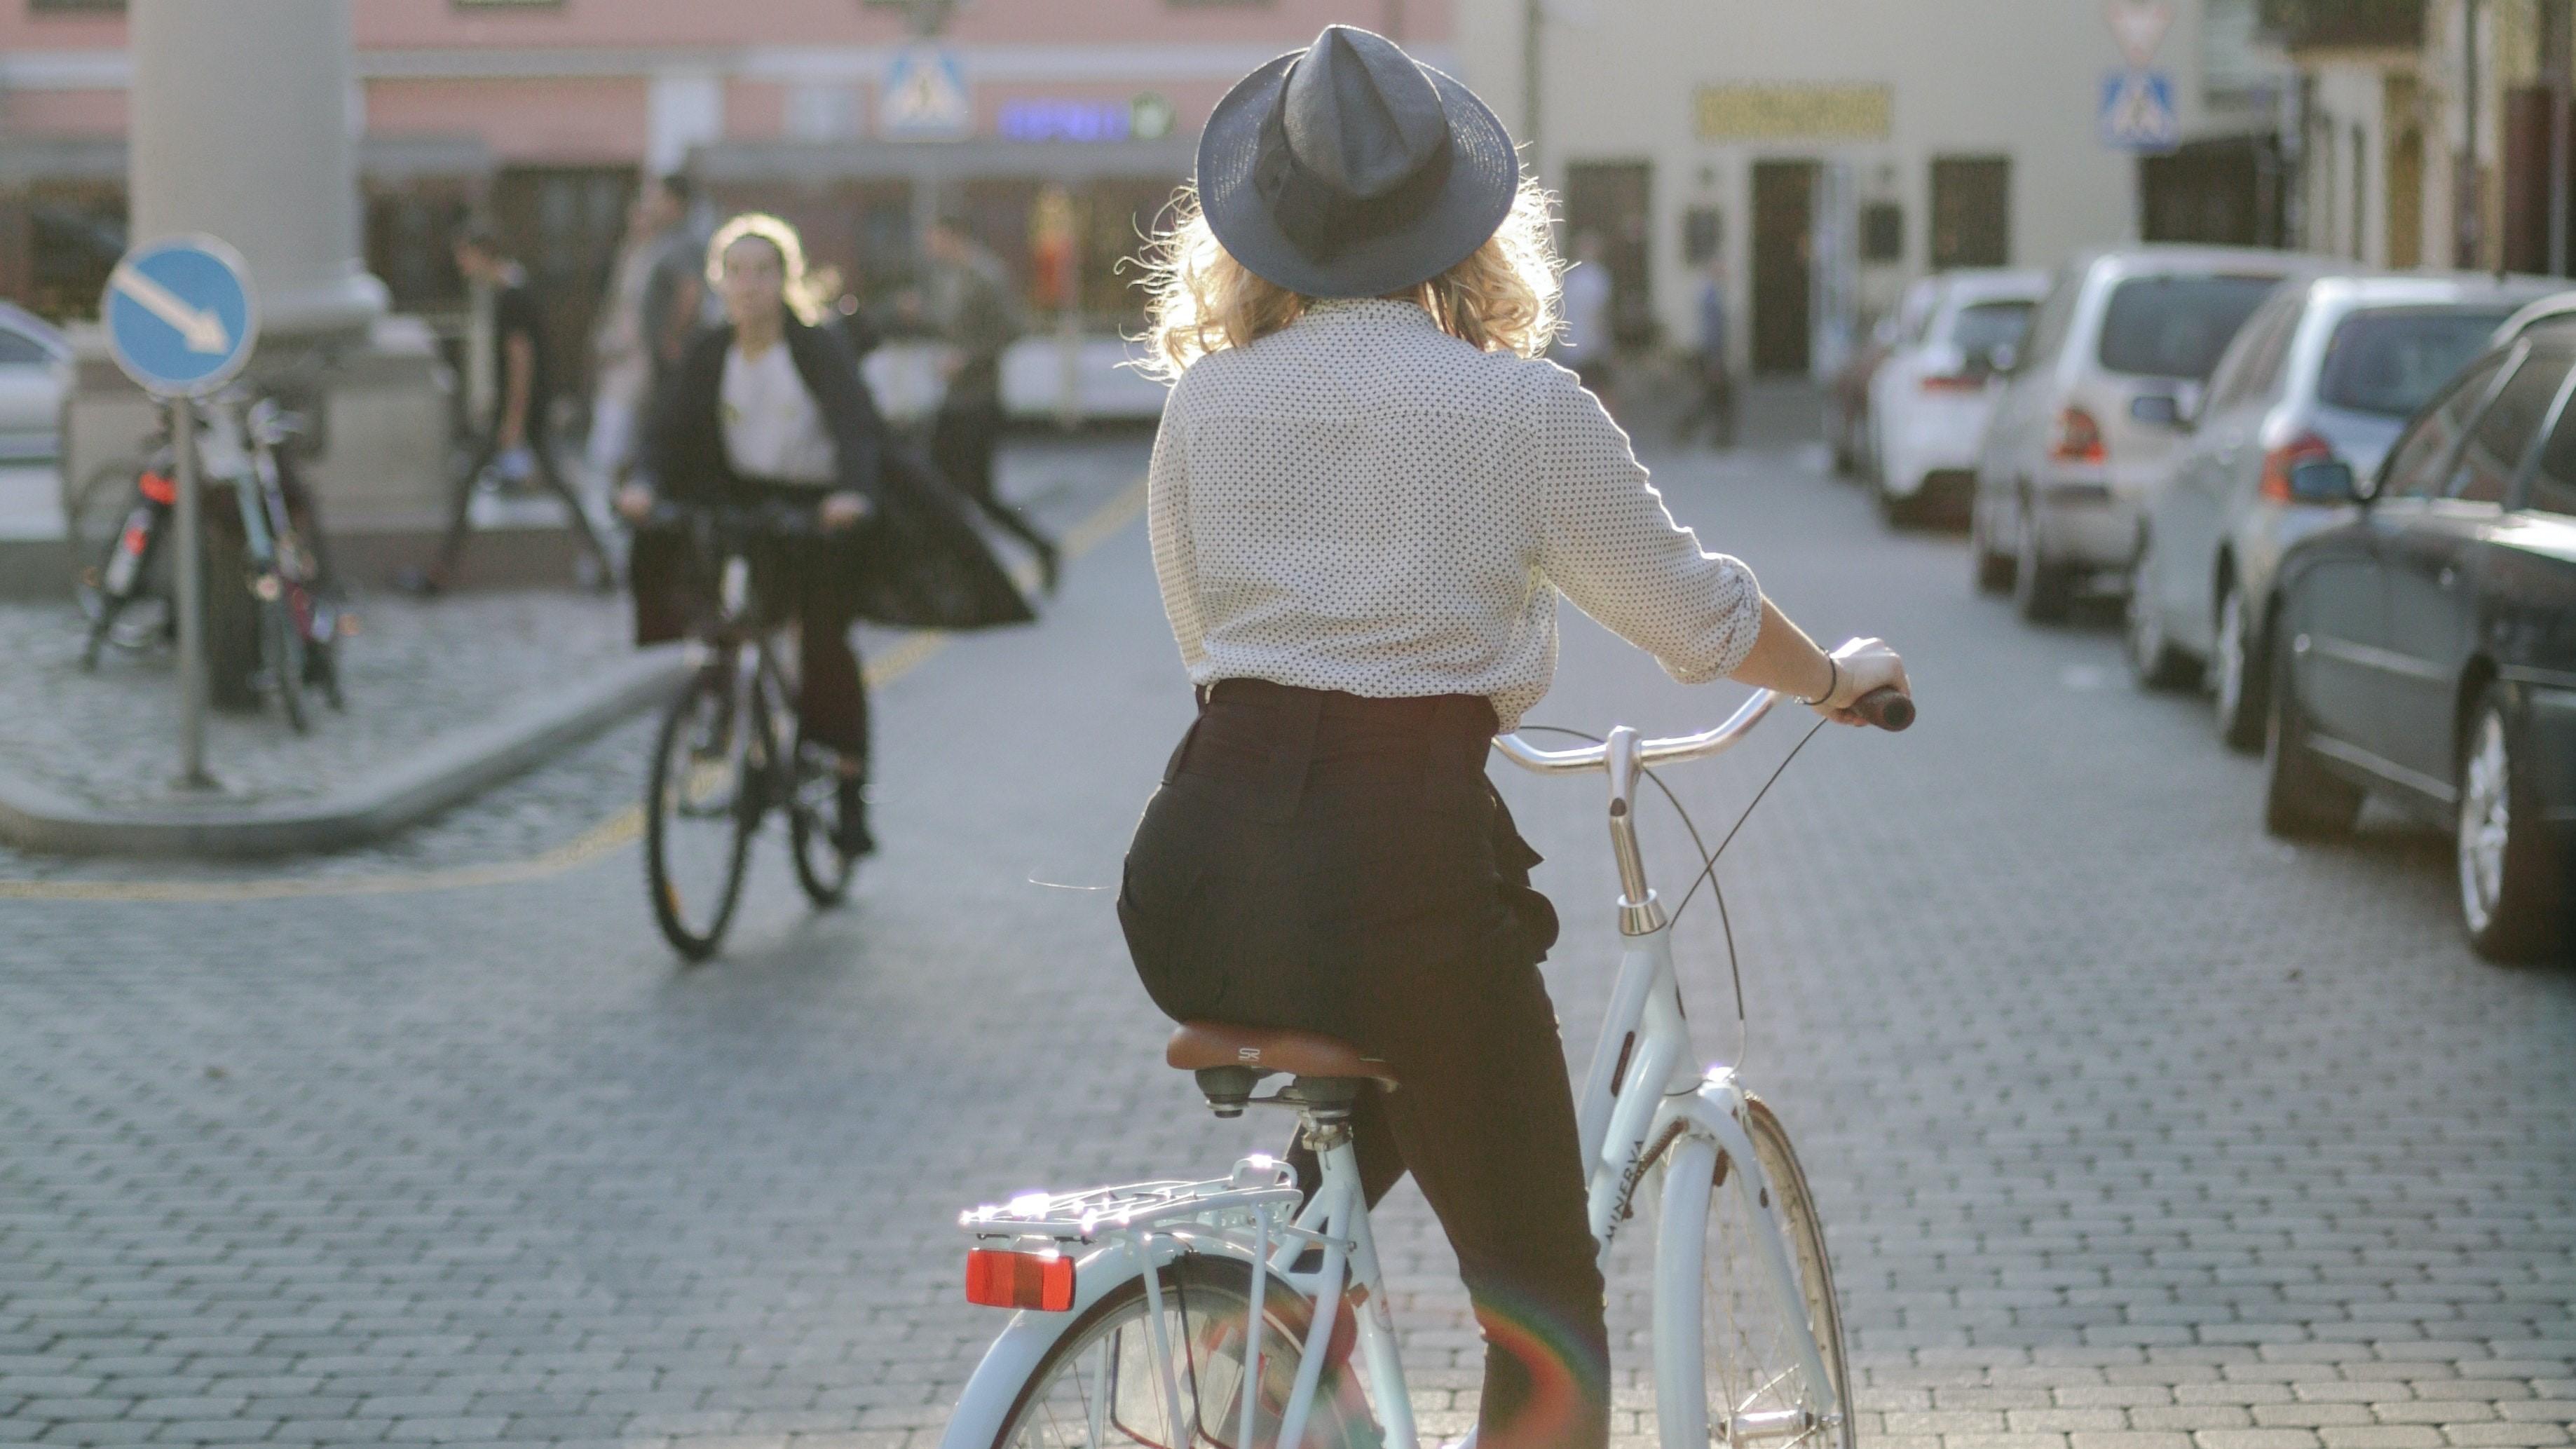 Fahrrad statt Auto: Das sind die Vorteile